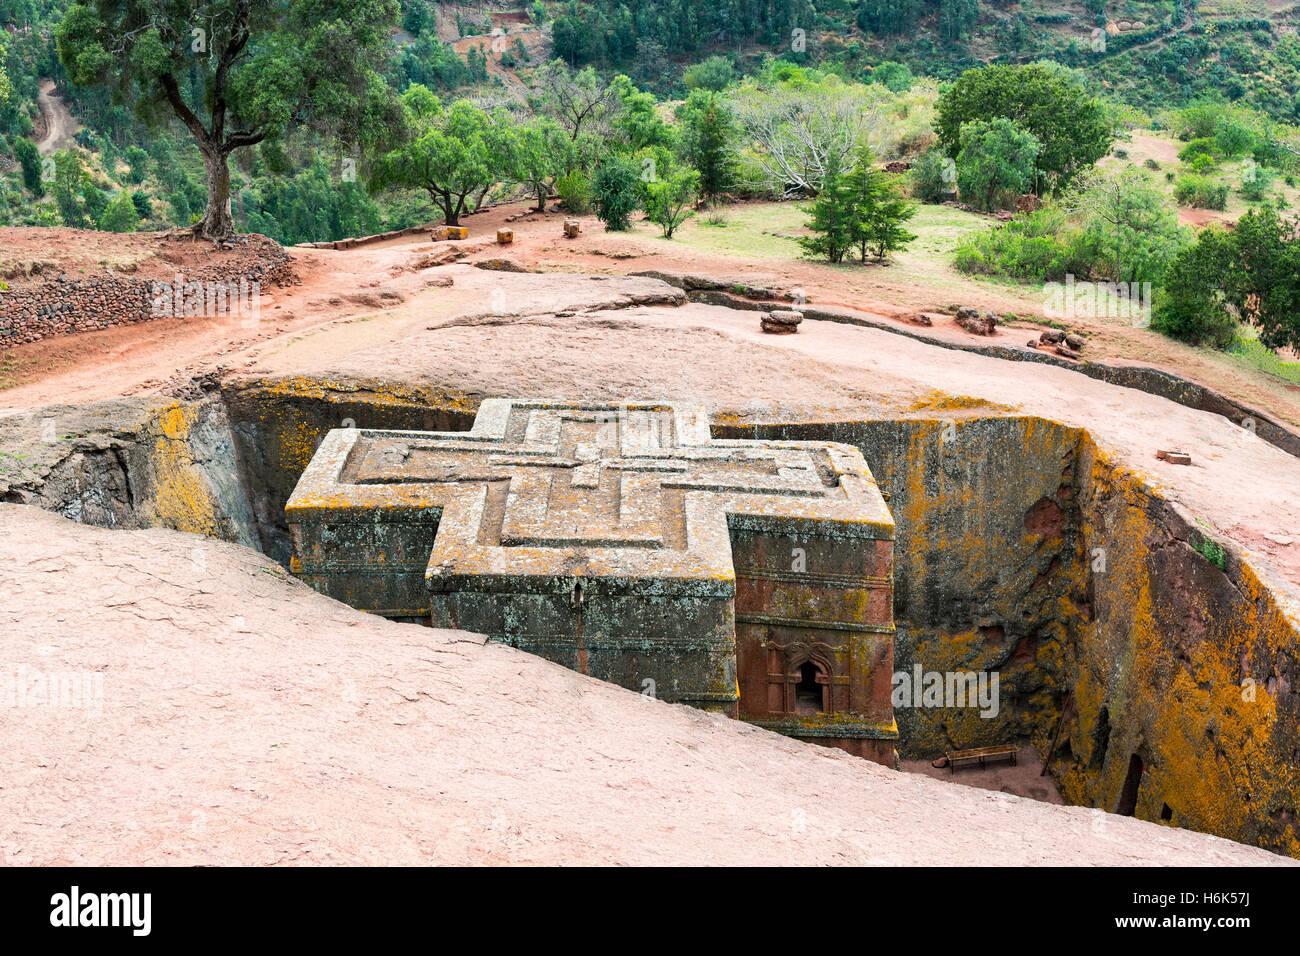 Ethiopia, Lalibela, the monolithic underground Saint George Orthodox church - Stock Image